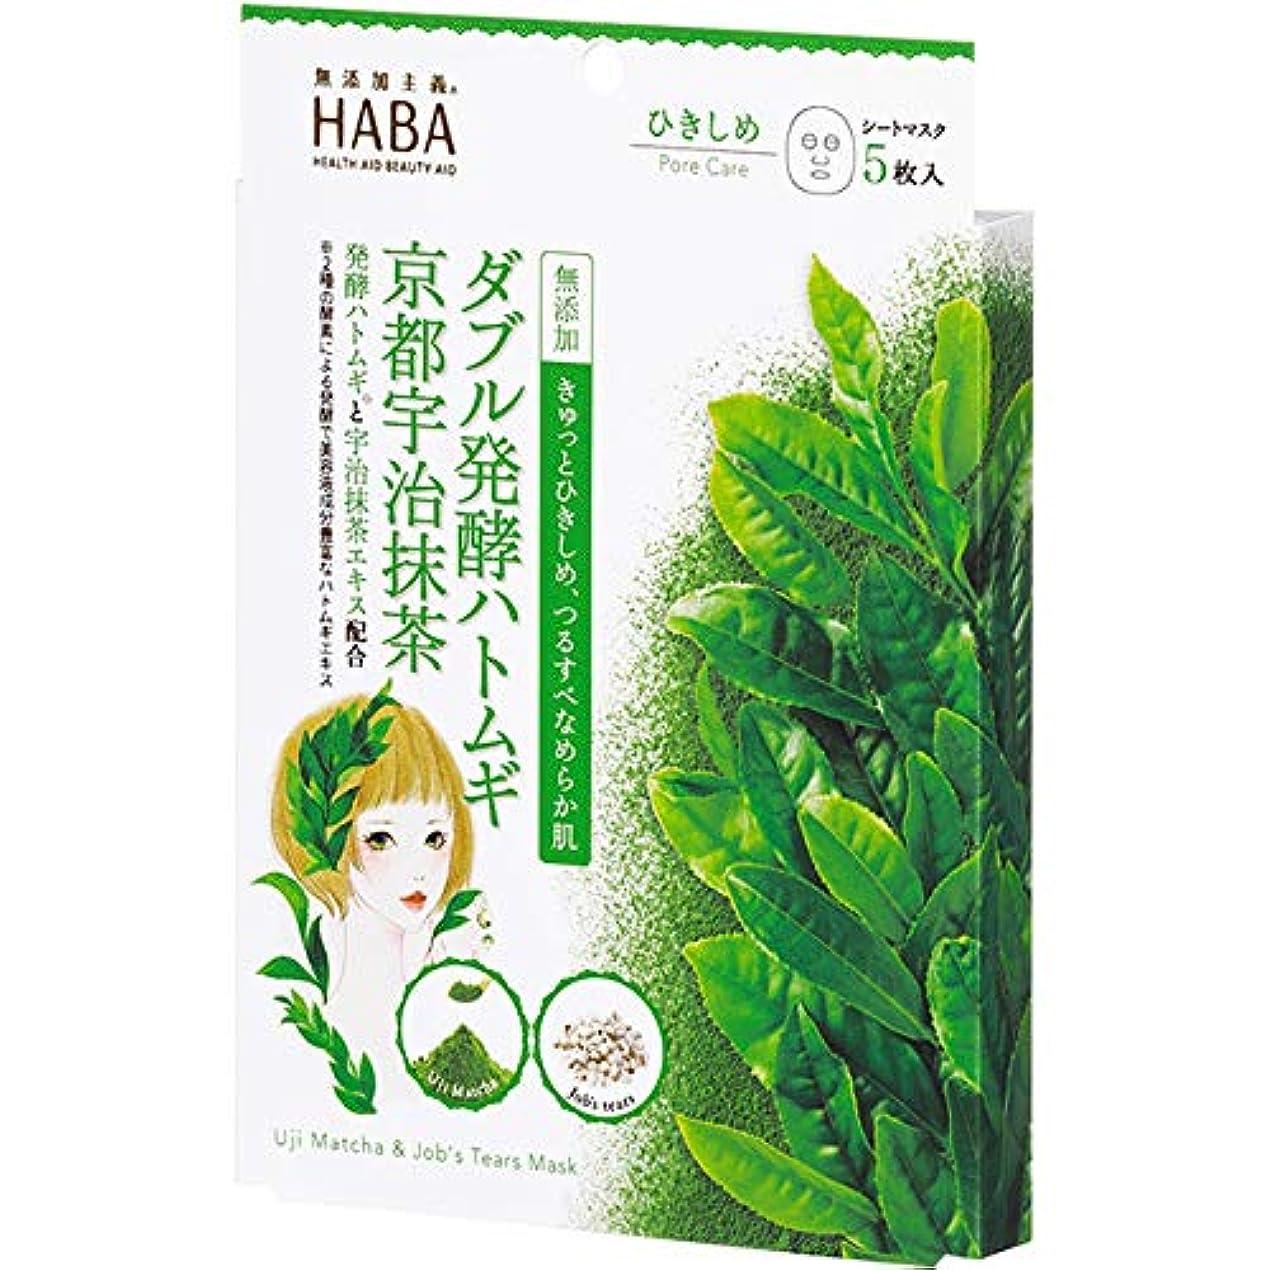 インキュバス名目上の賛辞ハーバー 発酵ハトムギ宇治抹茶マスク 5包